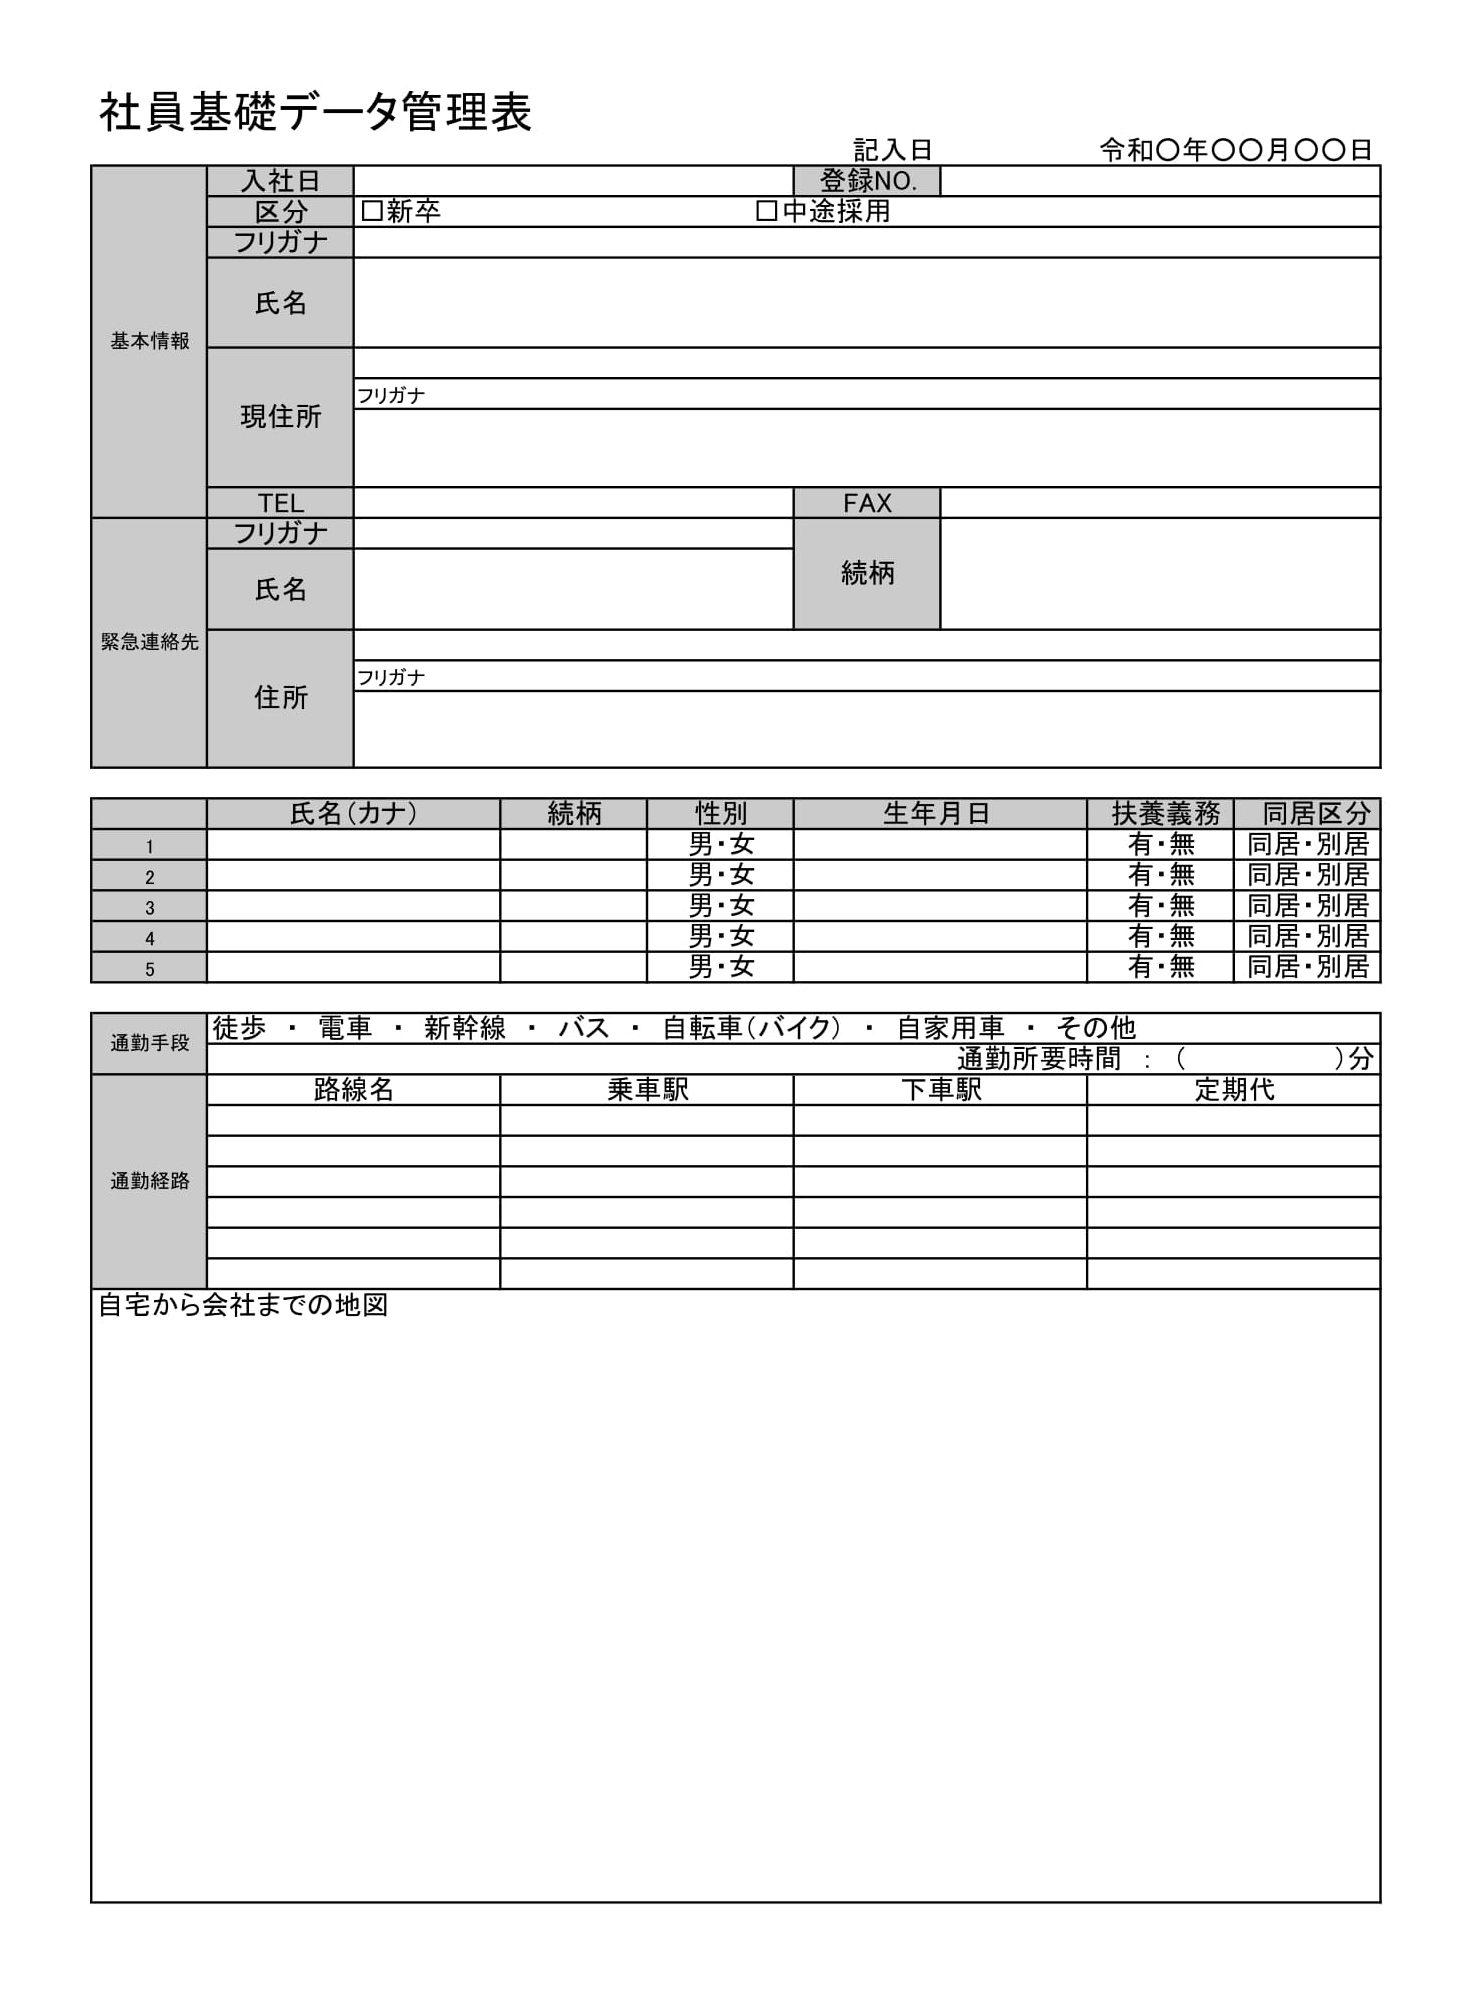 社員基礎データ管理表